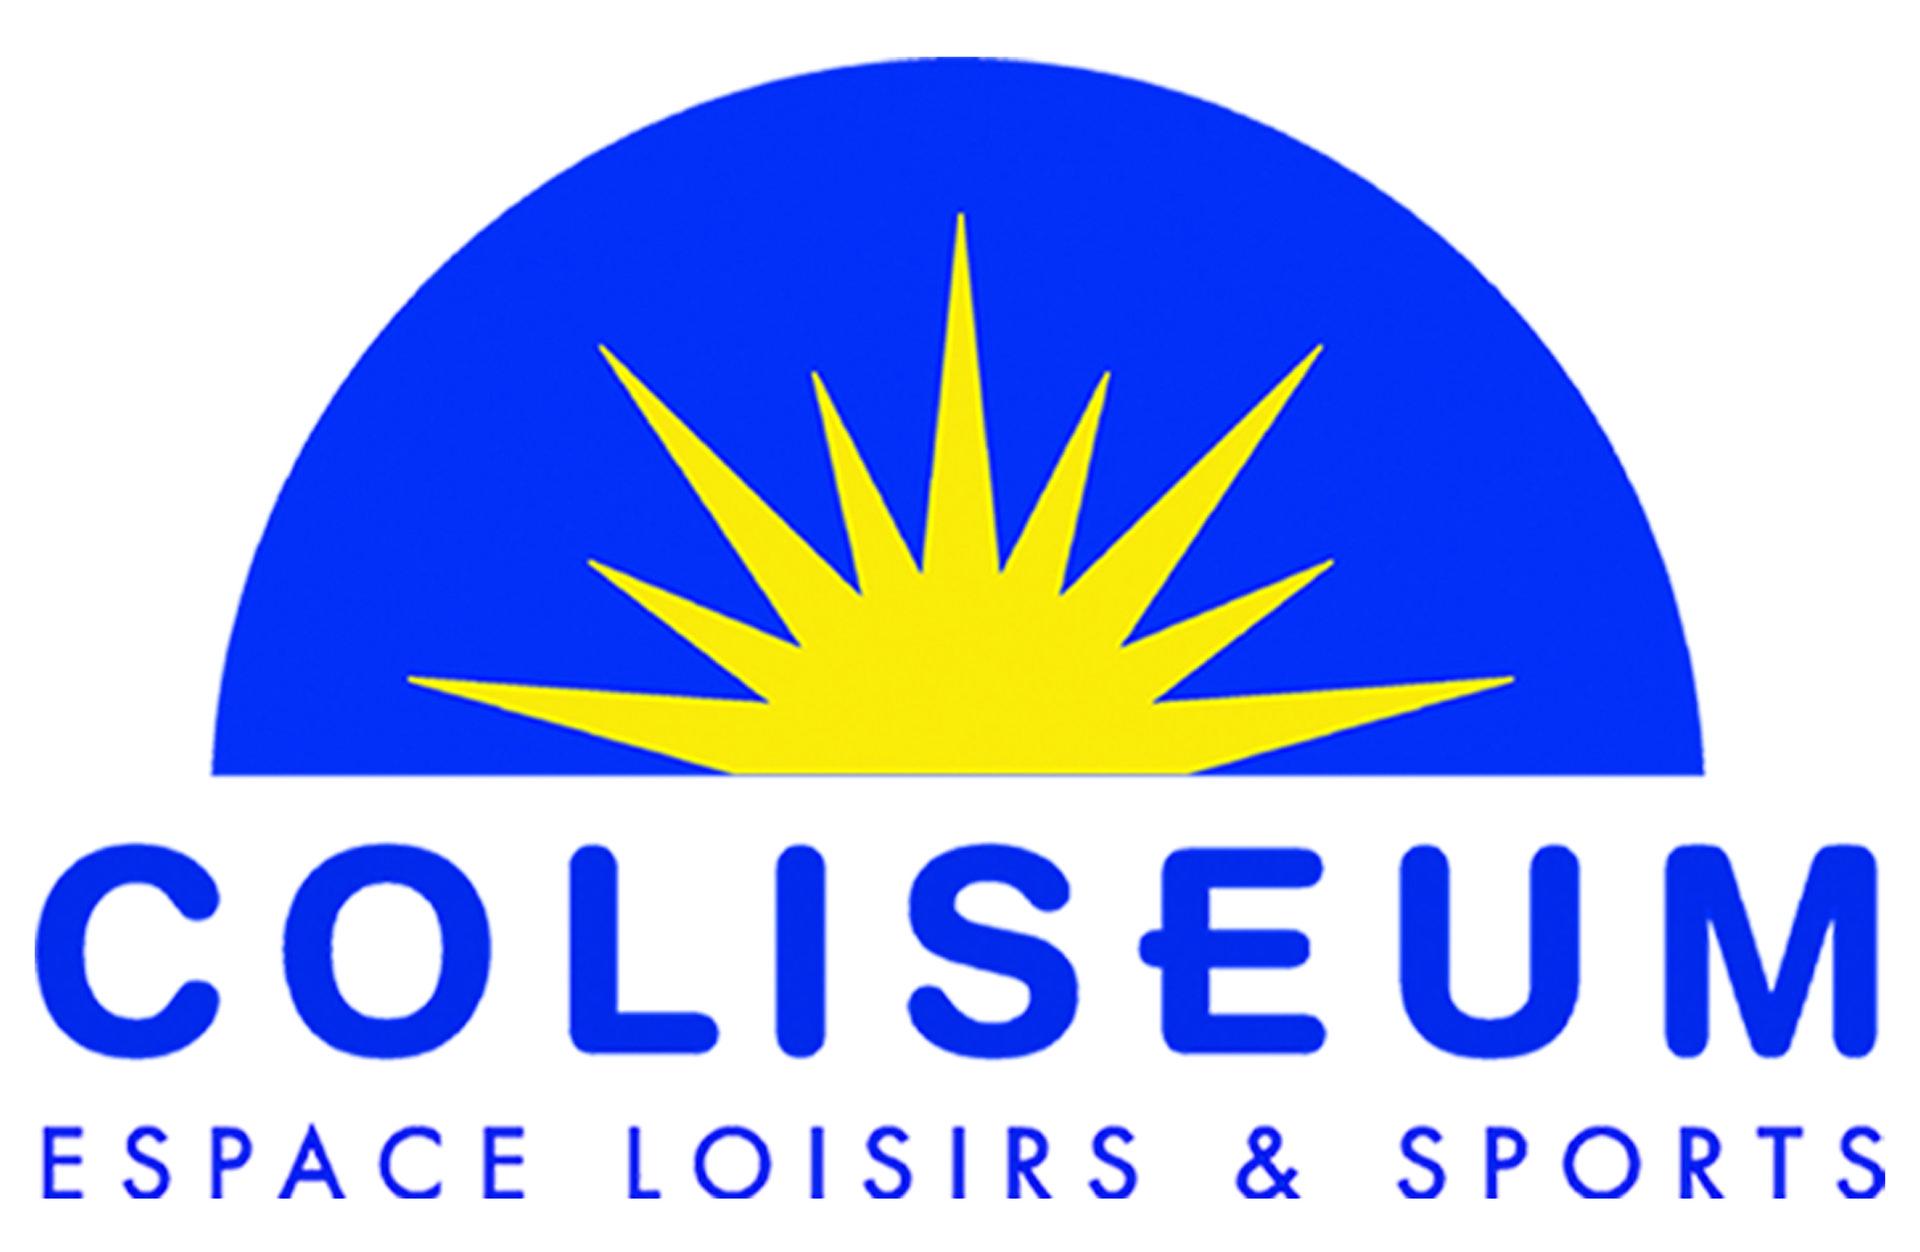 Coliseum patinoire